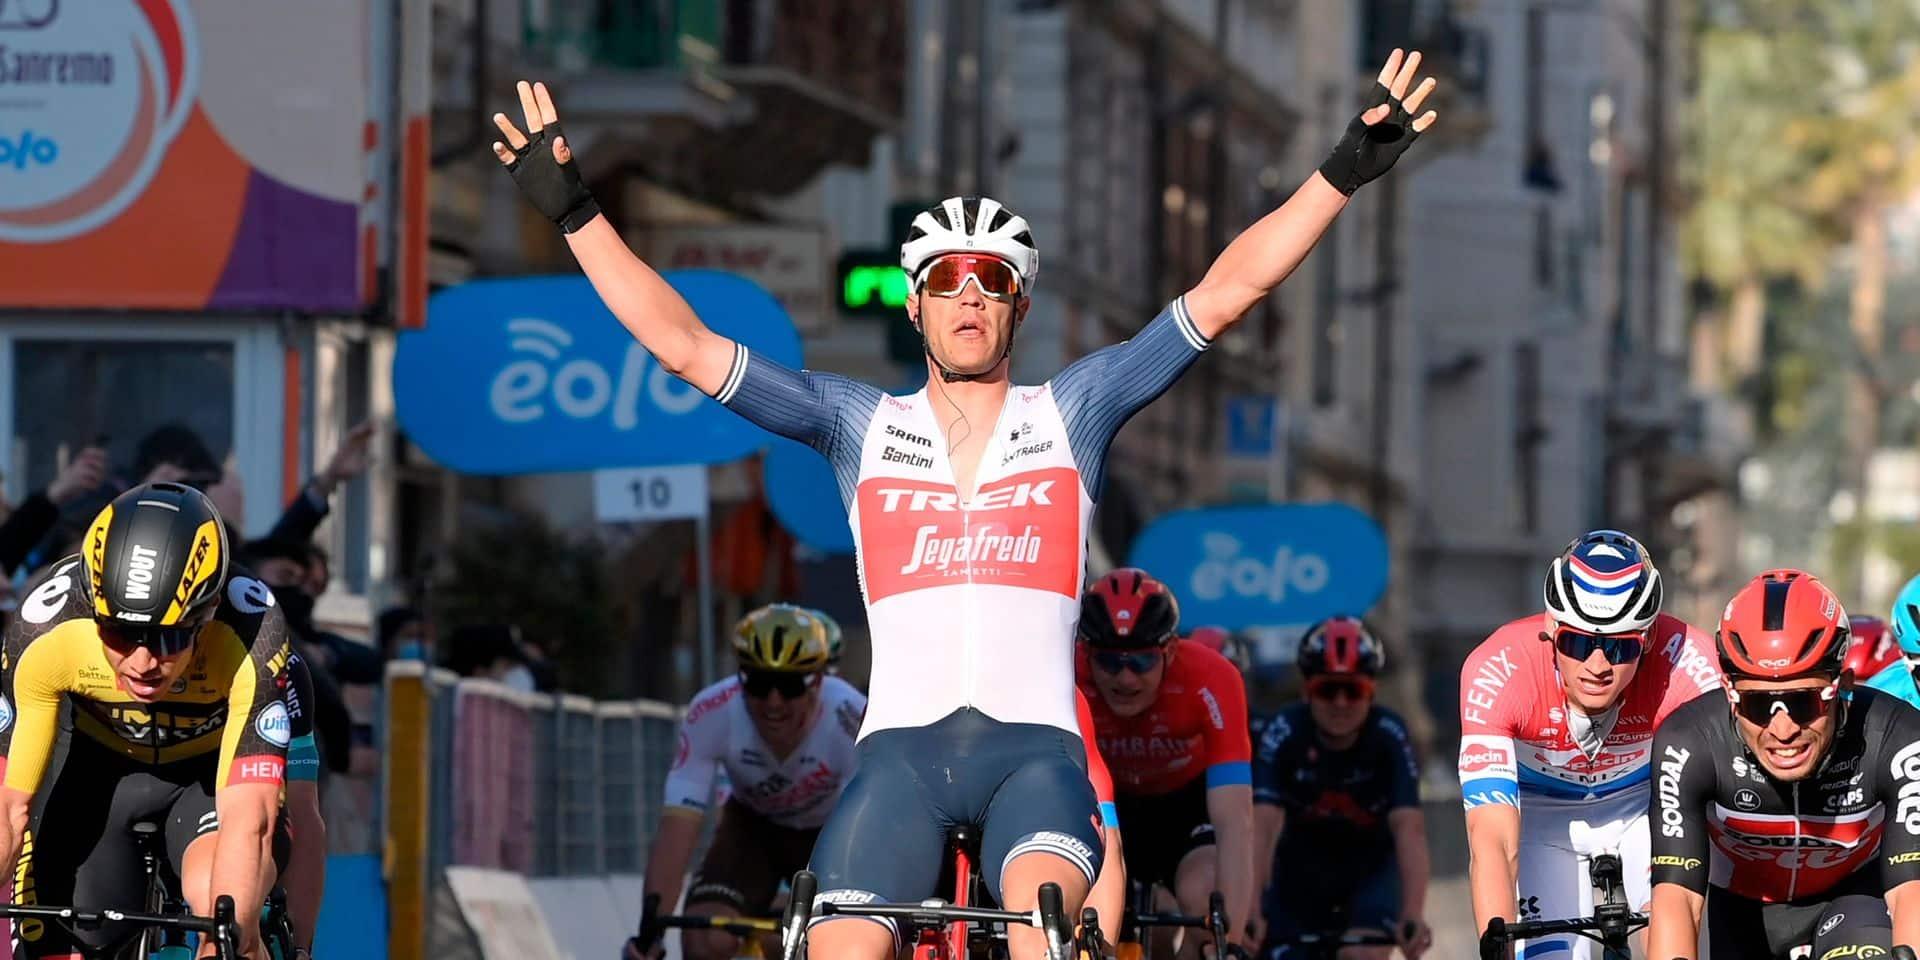 """Milan-Sanremo: pour Mathieu Van der Poel, """"le plus fort a gagné"""""""